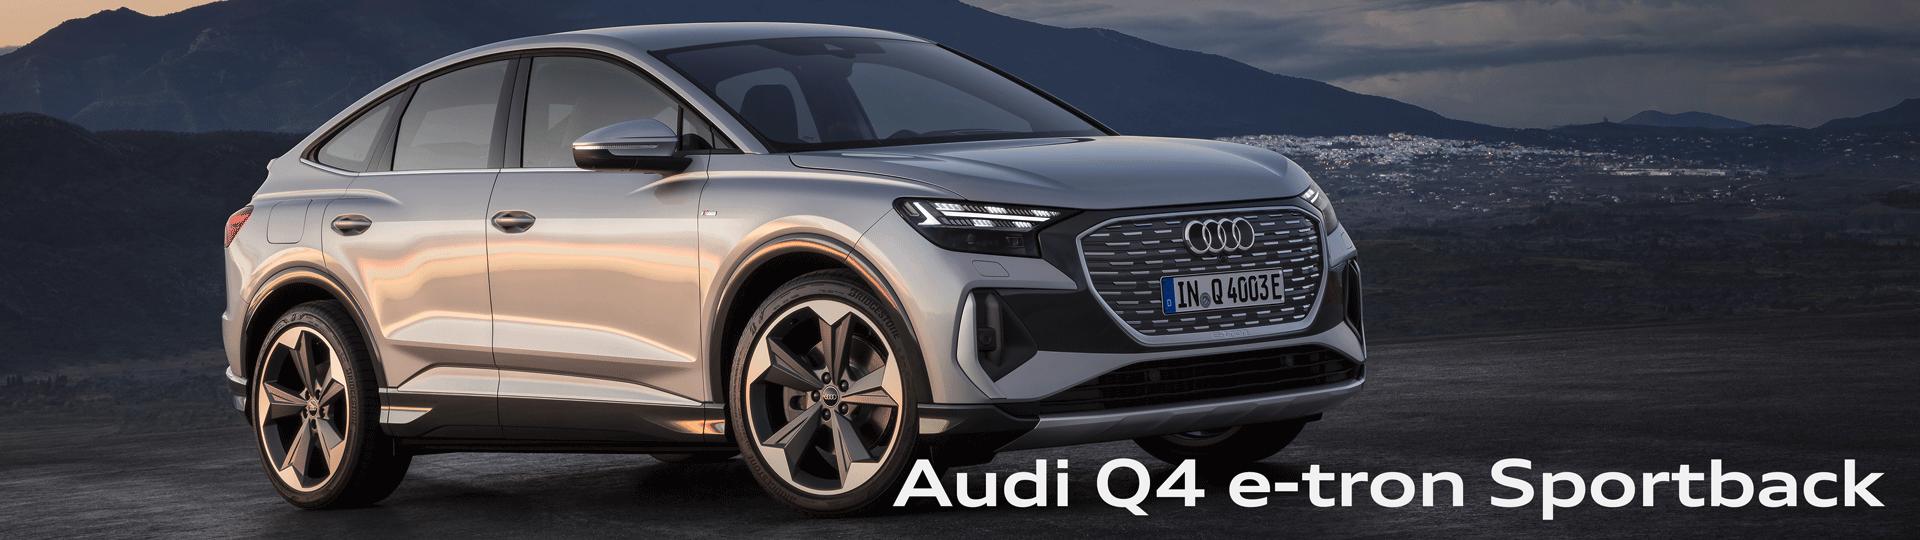 Cabecera-Audi-Q4-e-tron-Sportback